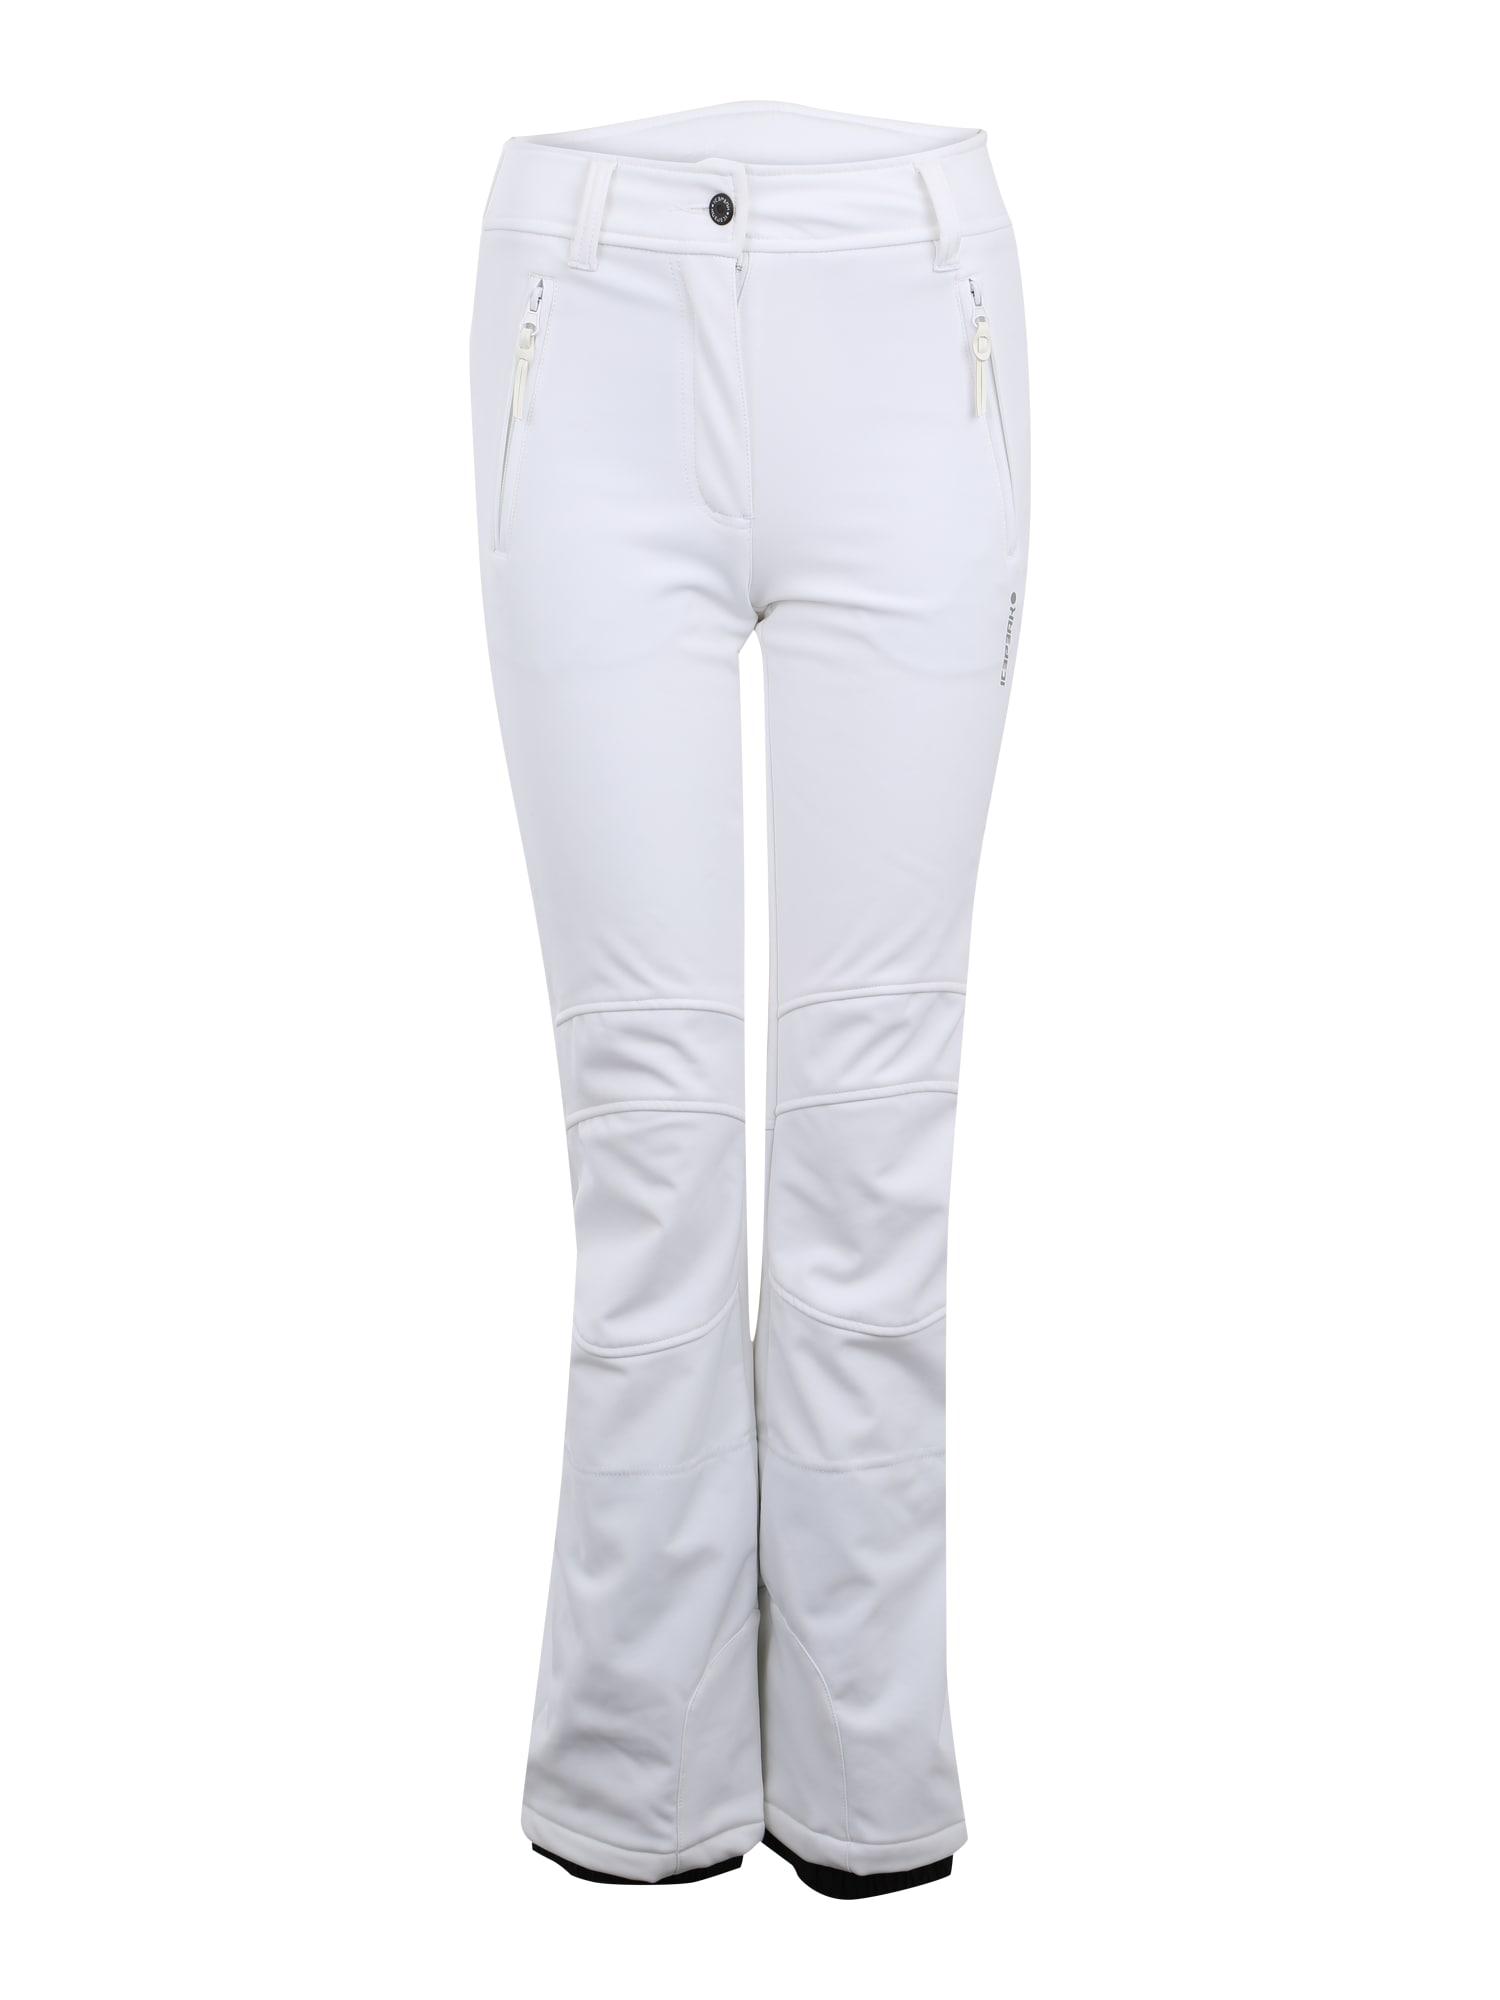 Outdoorové kalhoty Outi černá bílá ICEPEAK